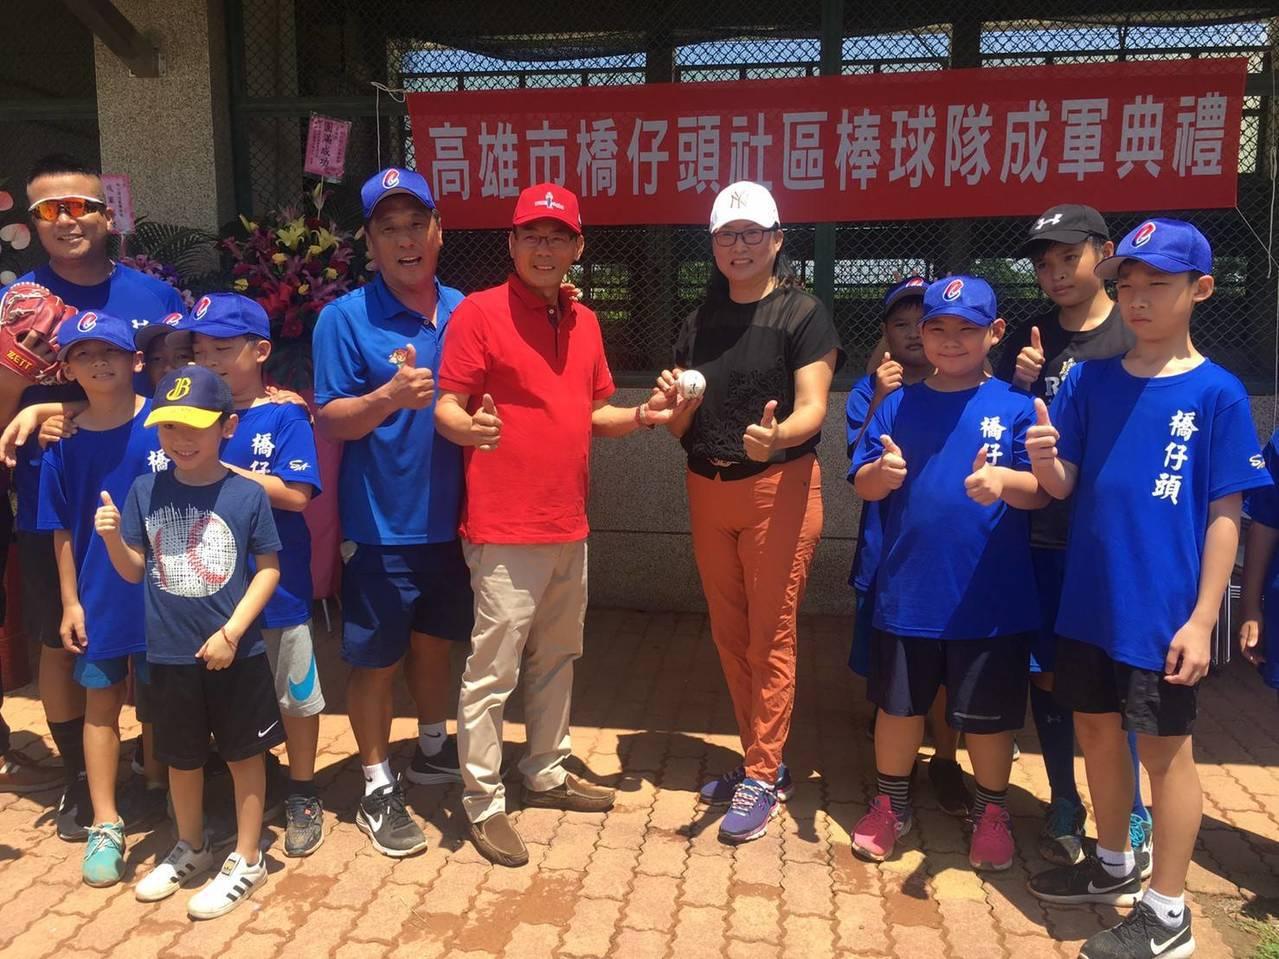 「橋仔頭社區棒球隊」今年7月成軍。圖/橋仔頭社區棒球隊提供